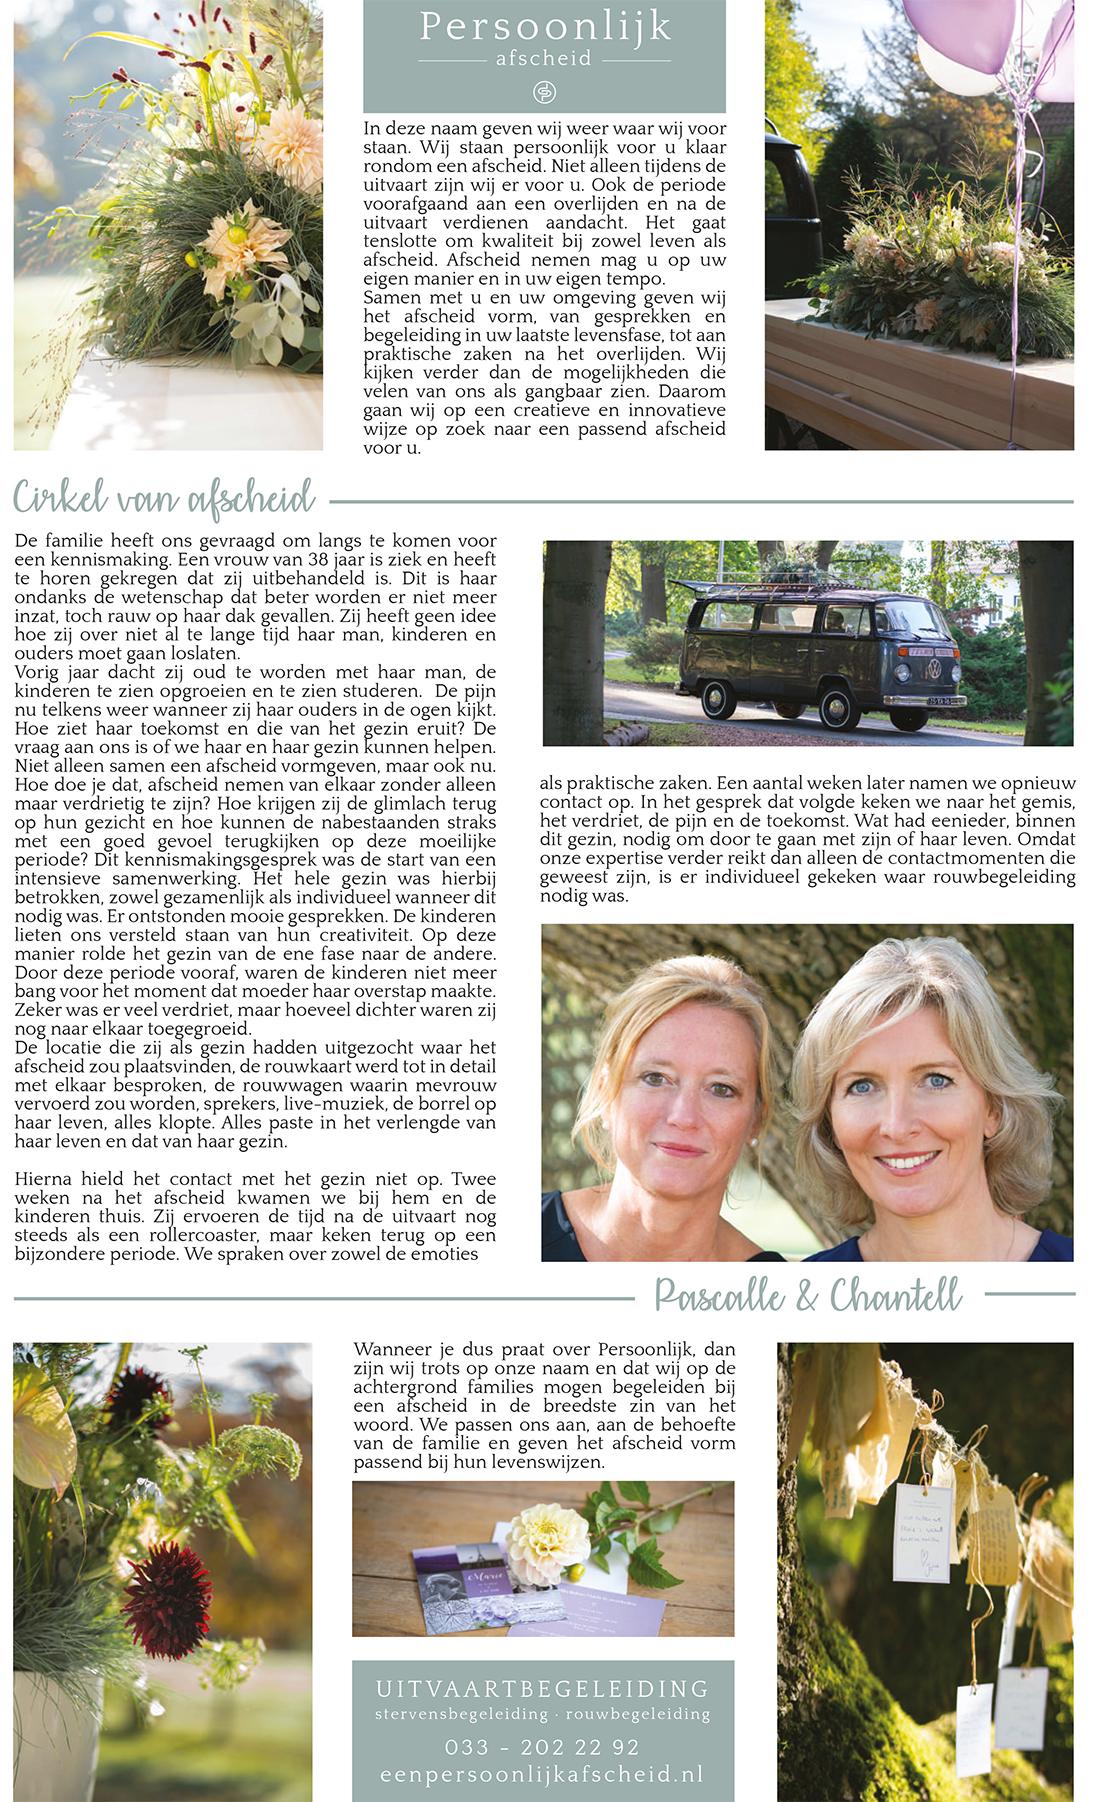 Uitvaartspecial D, editie Amersfoort | Persoonlijk Afscheid